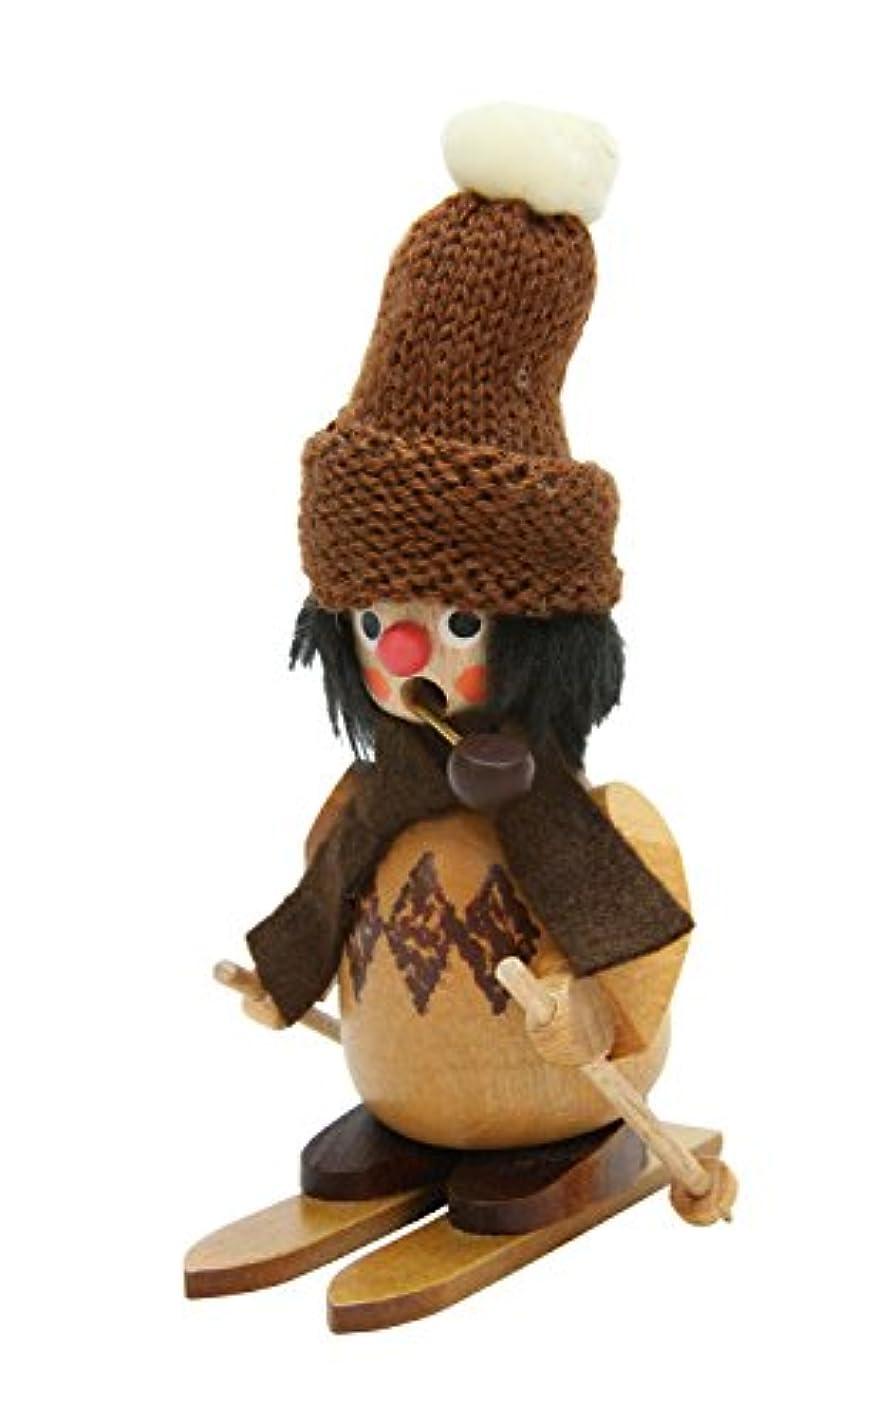 減るファシズム誤解するAlexander Taron 35-791 Christian Ulbricht Incense Burner - Skier with Fuzzy Hat in a Natural Wood Finish